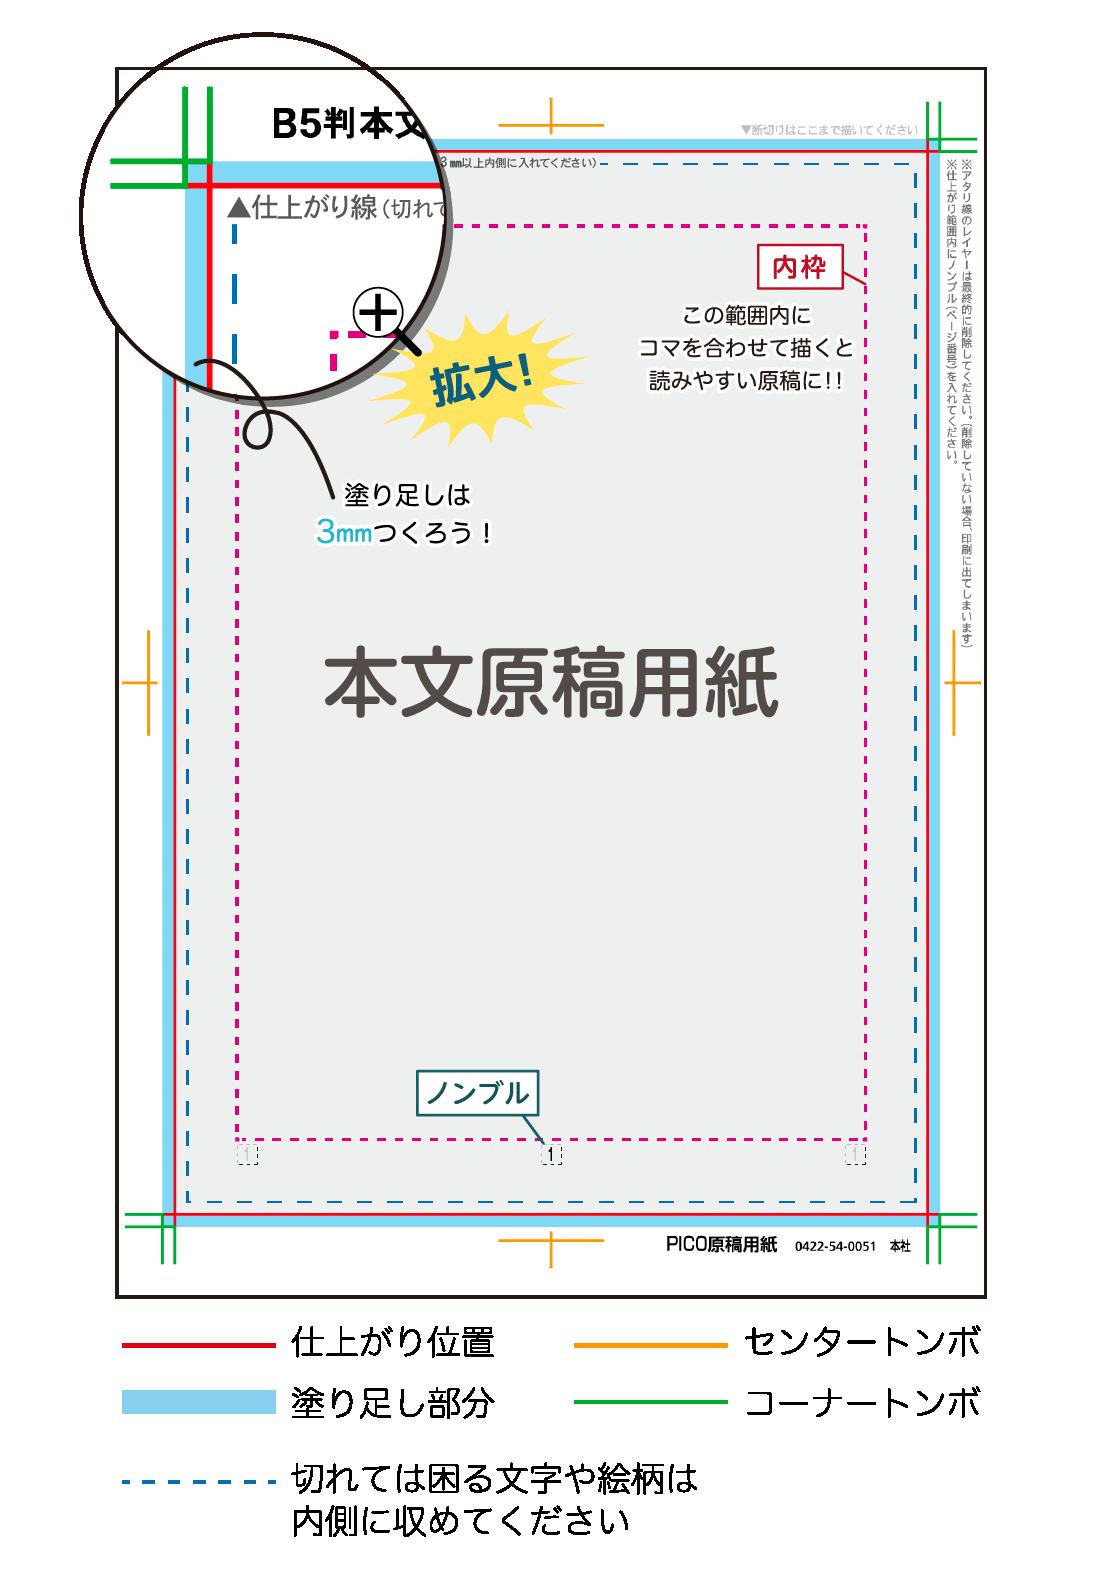 https://www.pico-net.com/doujinshi/doujinshi_manual/img/honbun_tombo_200610_1102x1595.png